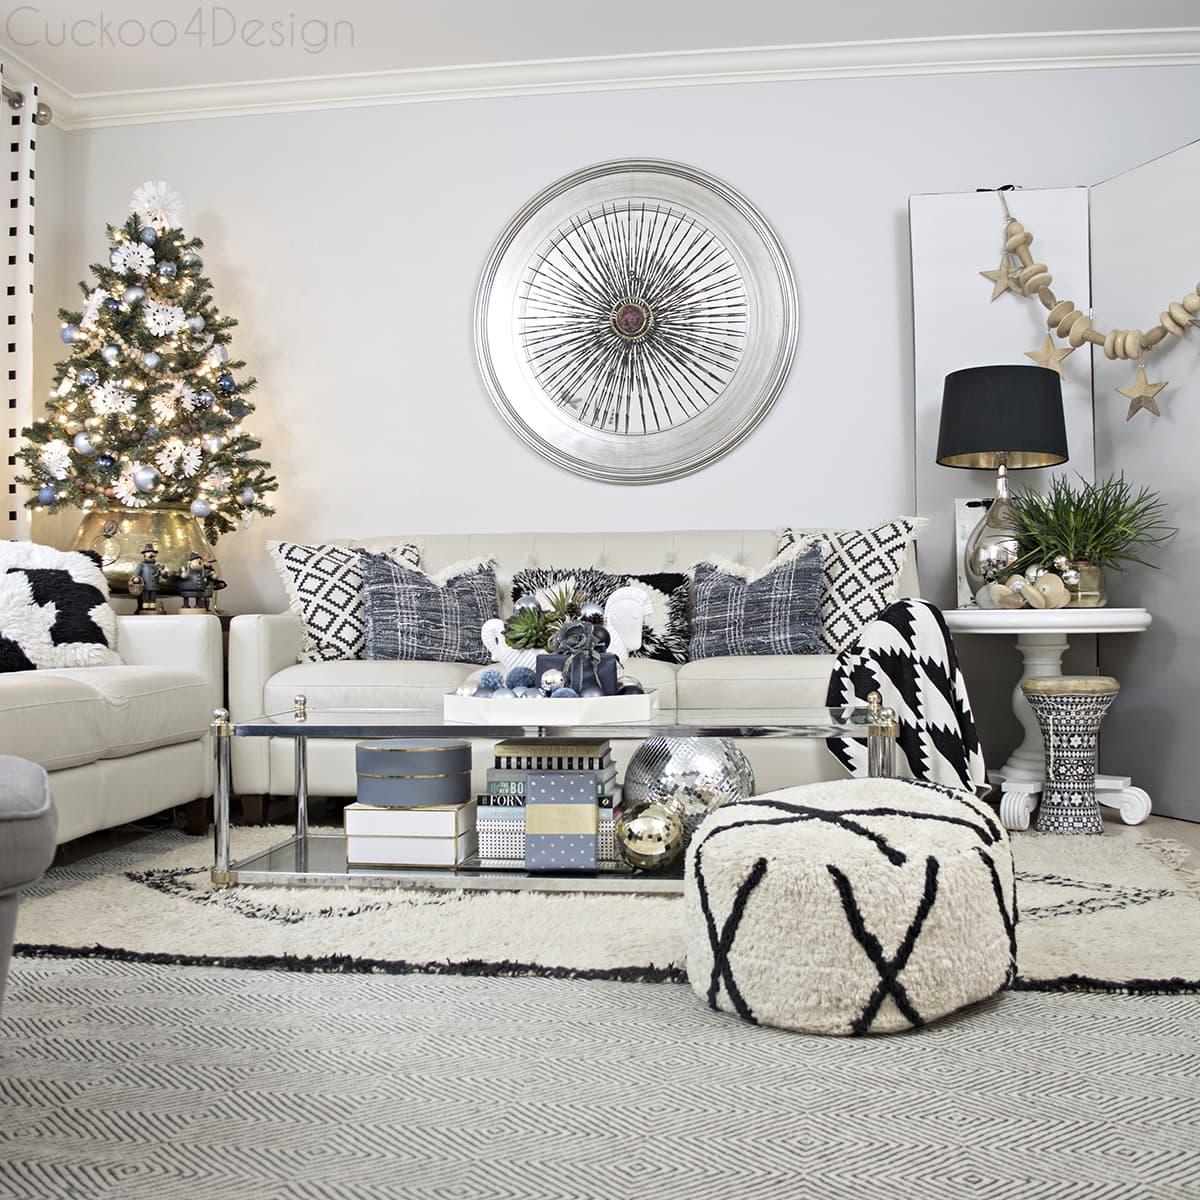 astounding black white christmas living room | Blue, Black and White Christmas | Cuckoo4Design